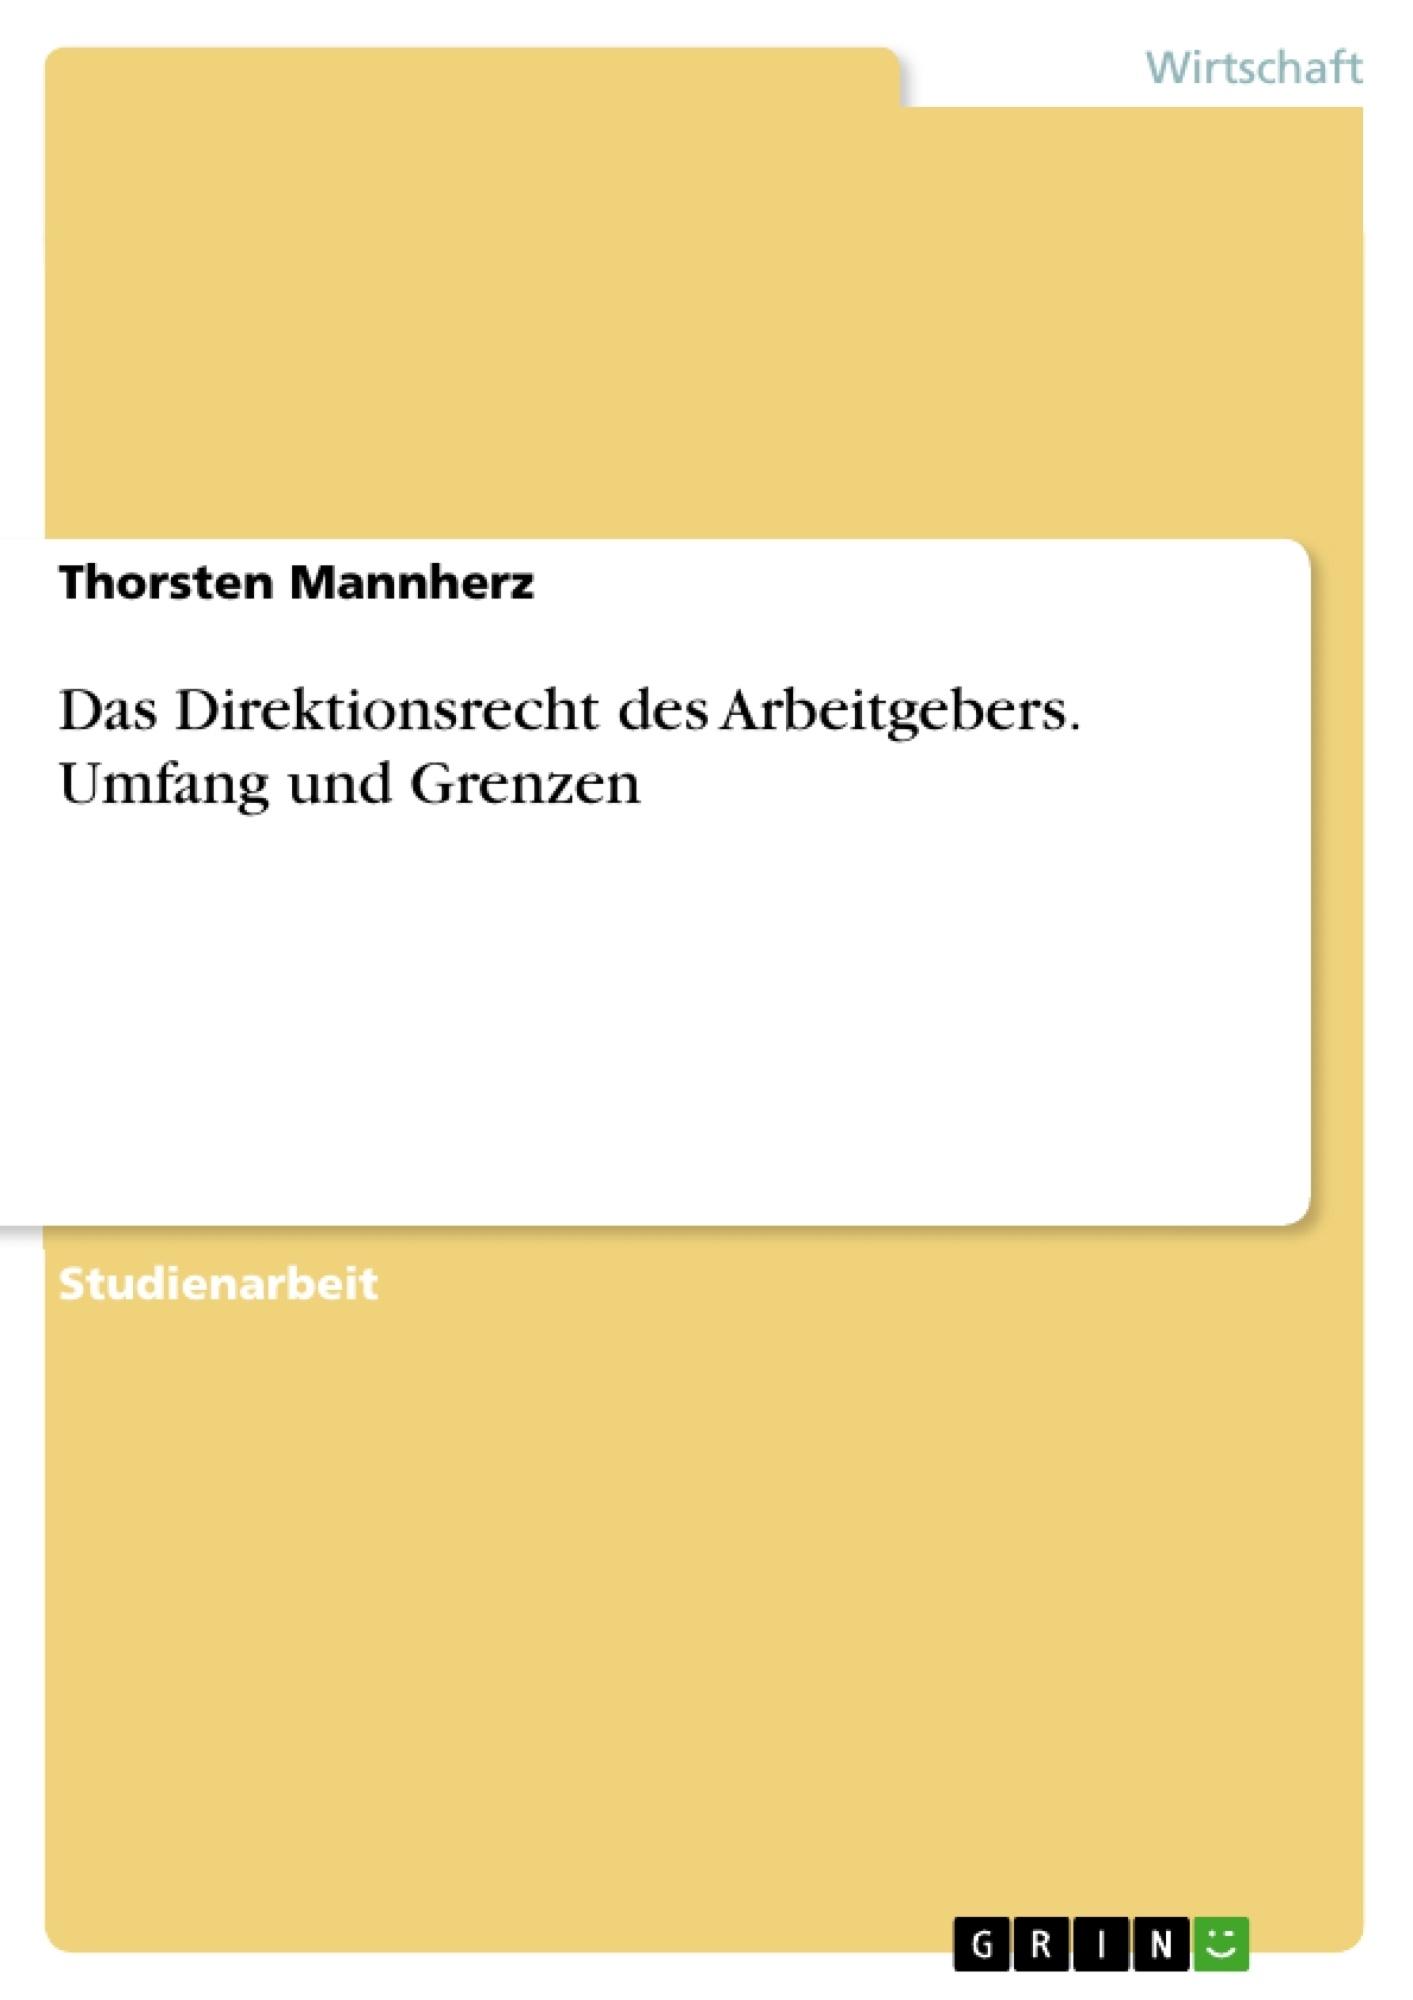 Titel: Das Direktionsrecht des Arbeitgebers. Umfang und Grenzen